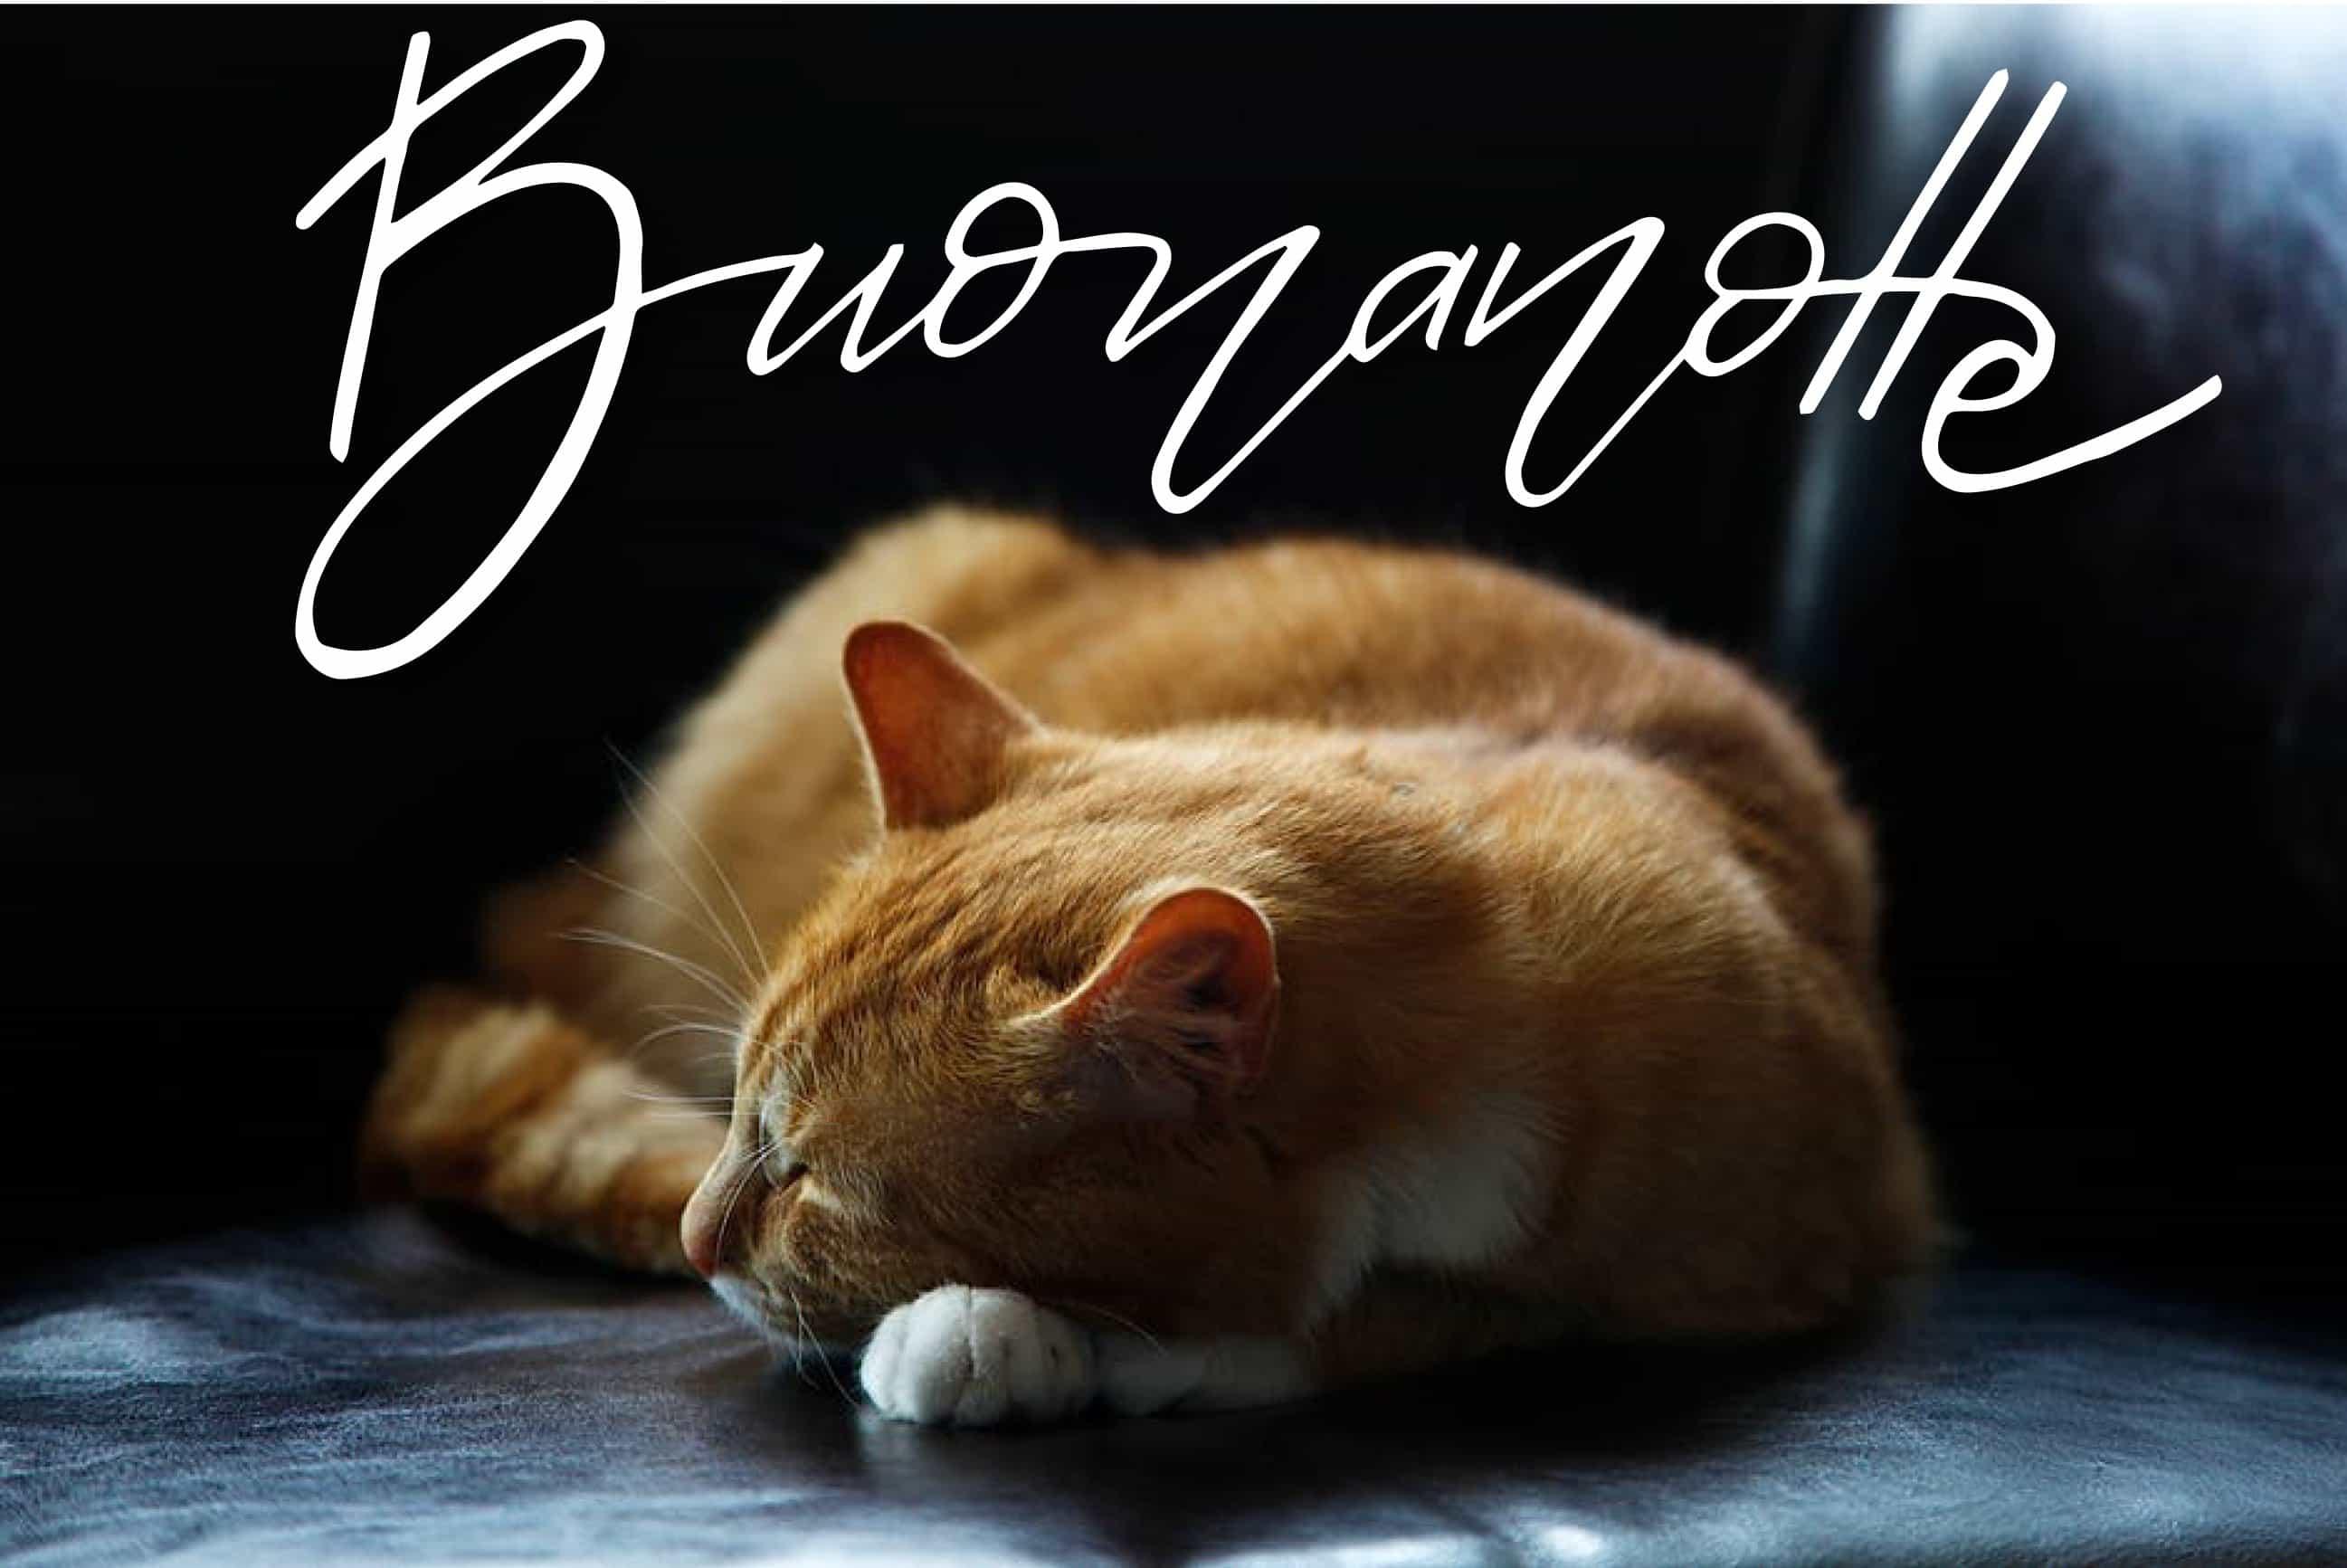 Dolce notte con gatto immagine gratis